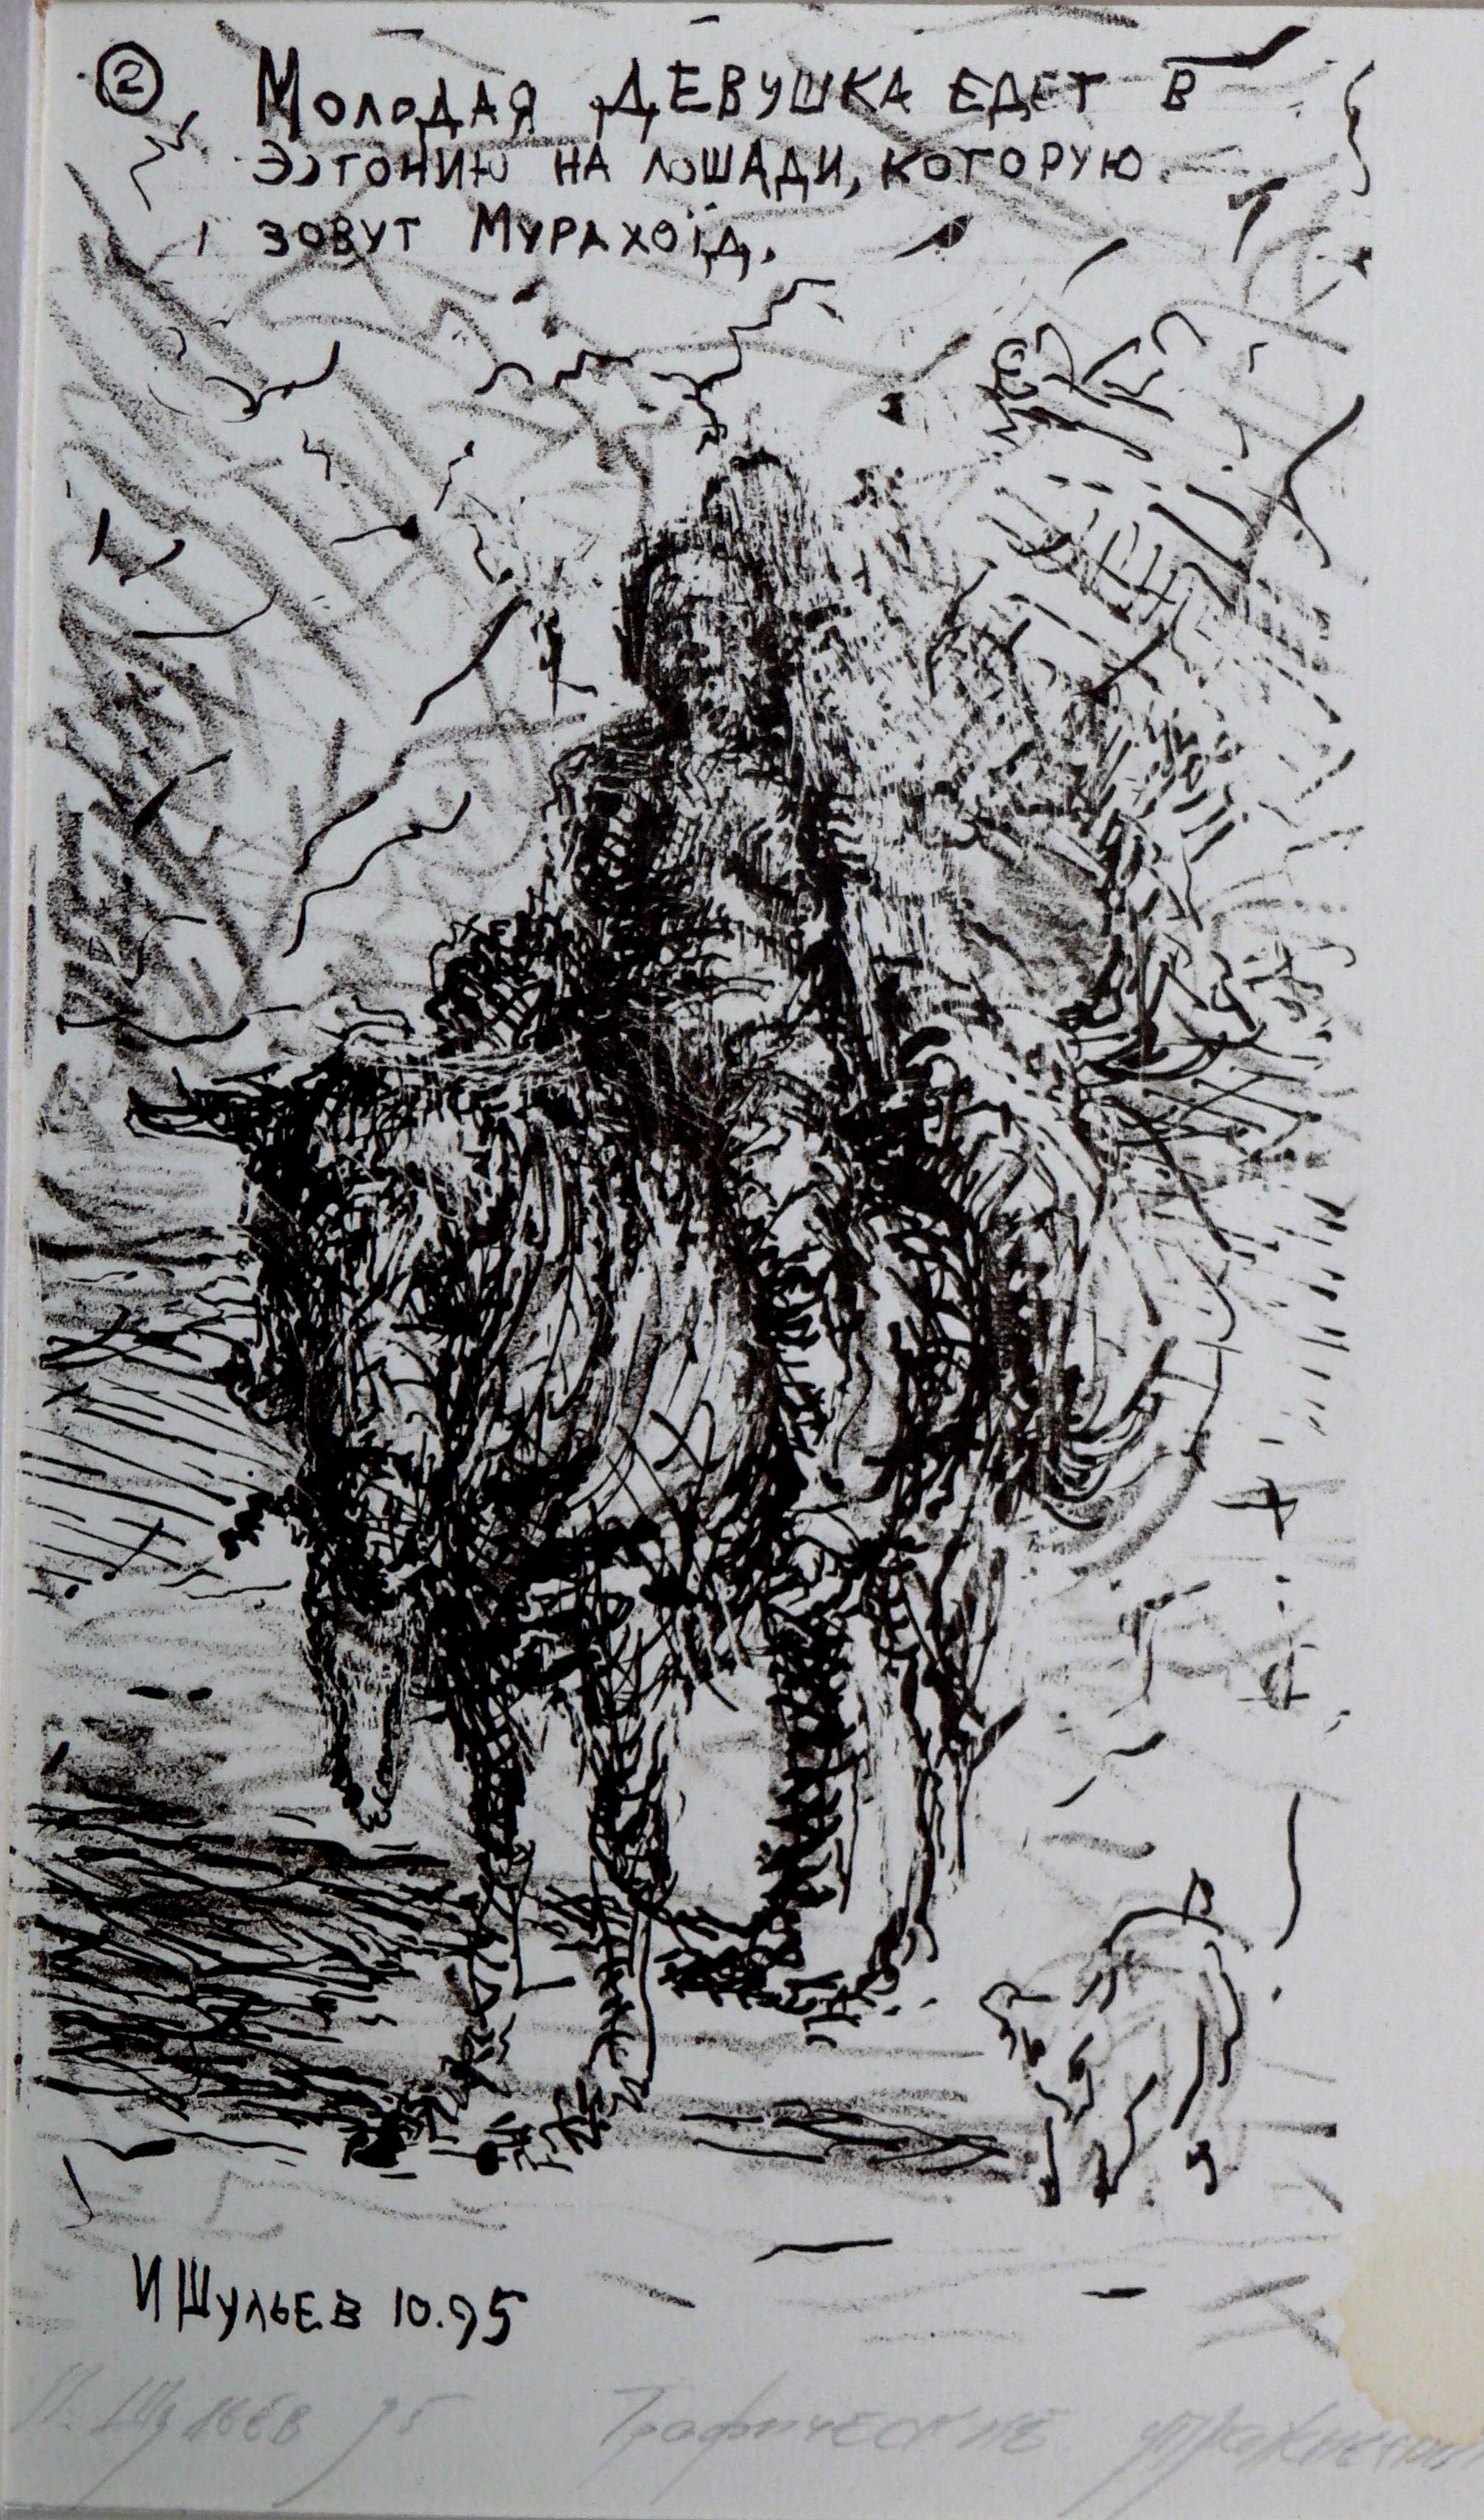 Ігор Шульєв. Графічні вправи, 1995; літографія